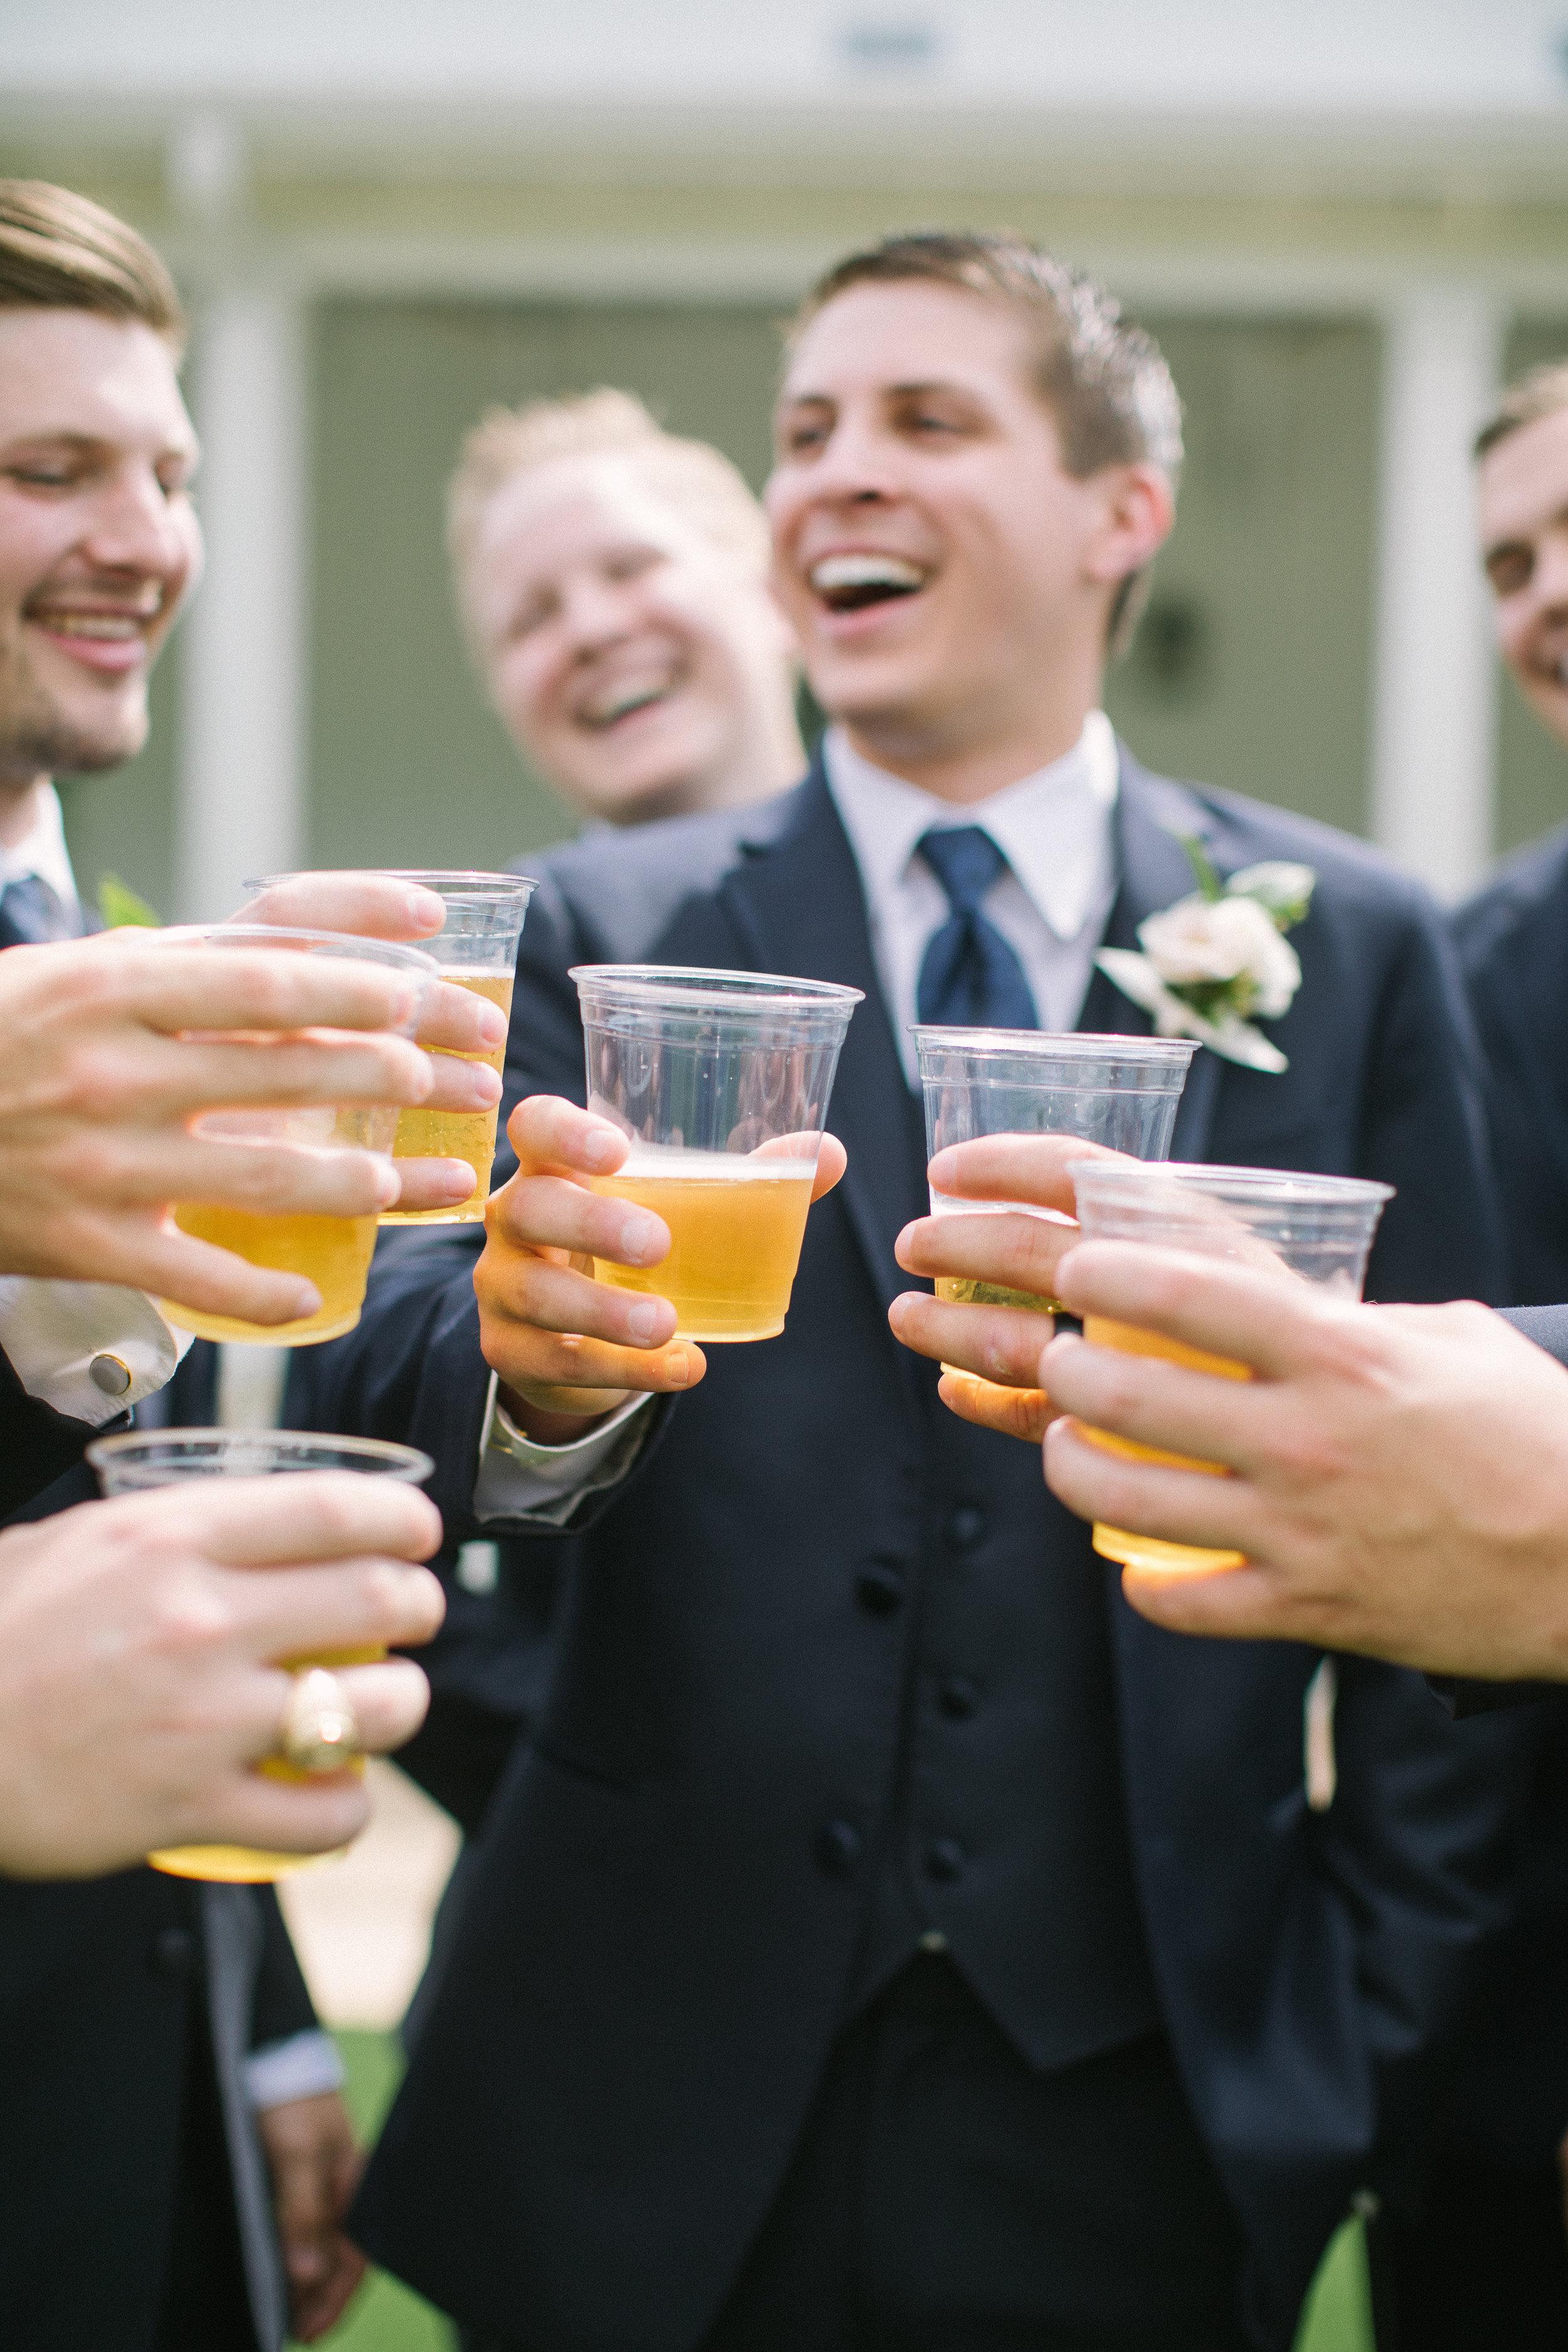 The-Farmhouse-Weddings-Montgomory-Texas-Farmhouse-Weddings-Houston-Weddings-Dallas-Wedding-Photographers-White-Sparrow-Weddings-Ellen-Ashton-Photography-Best-Weddings-Wed-and-Prosper-Weddings-destination-weddings-white-barn-weddings-california-wedding-photographer